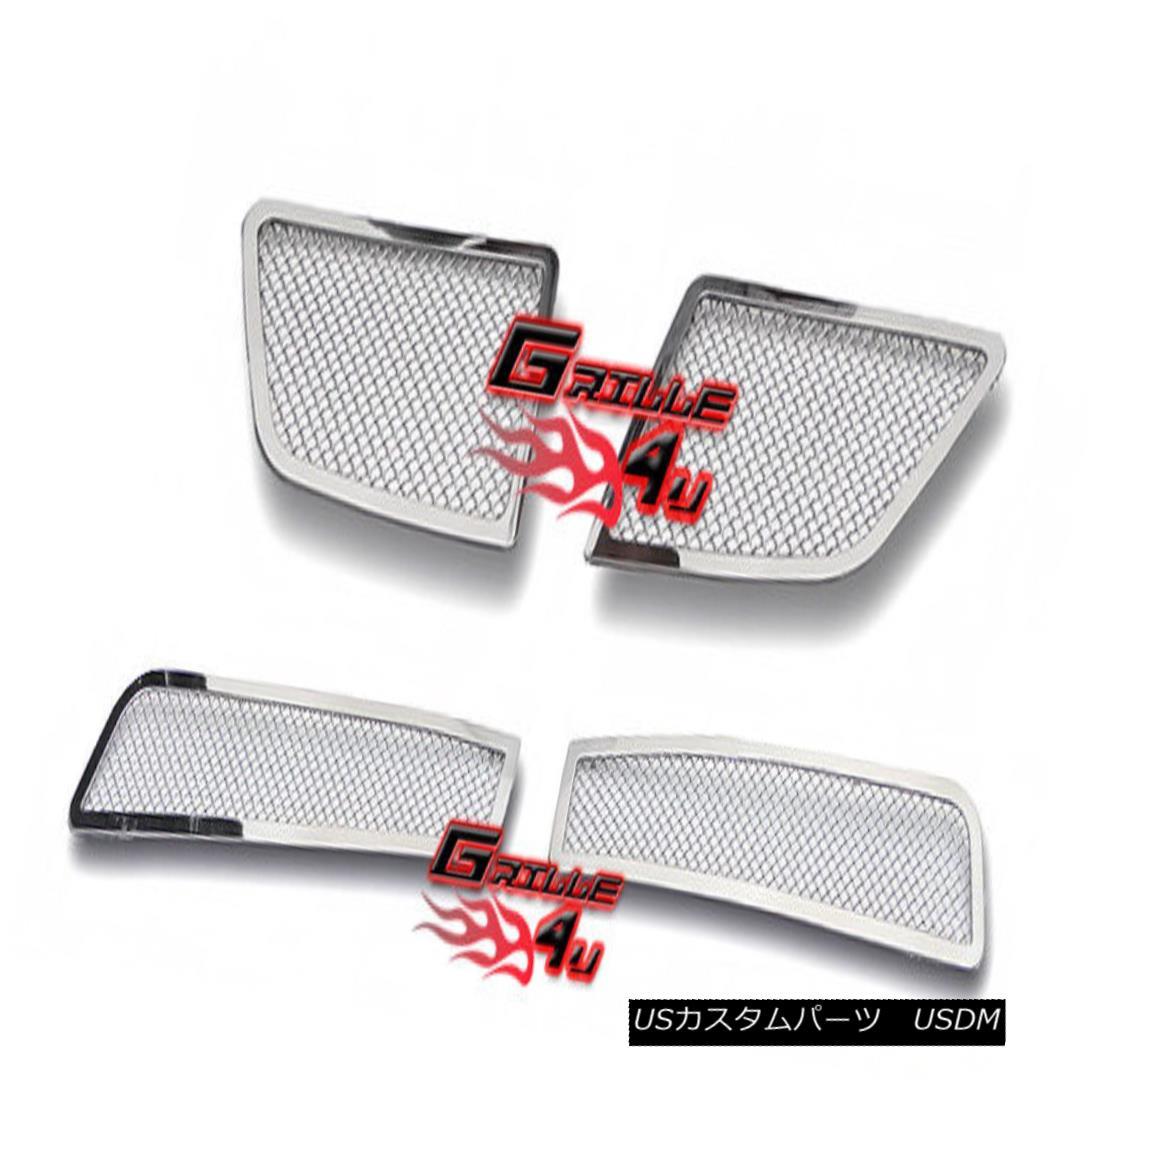 グリル For 08-09 Pontiac G8 Stainless Steel Mesh Premium Grille Insert 08-09ポンティアックG8ステンレスメッシュプレミアムグリルインサート